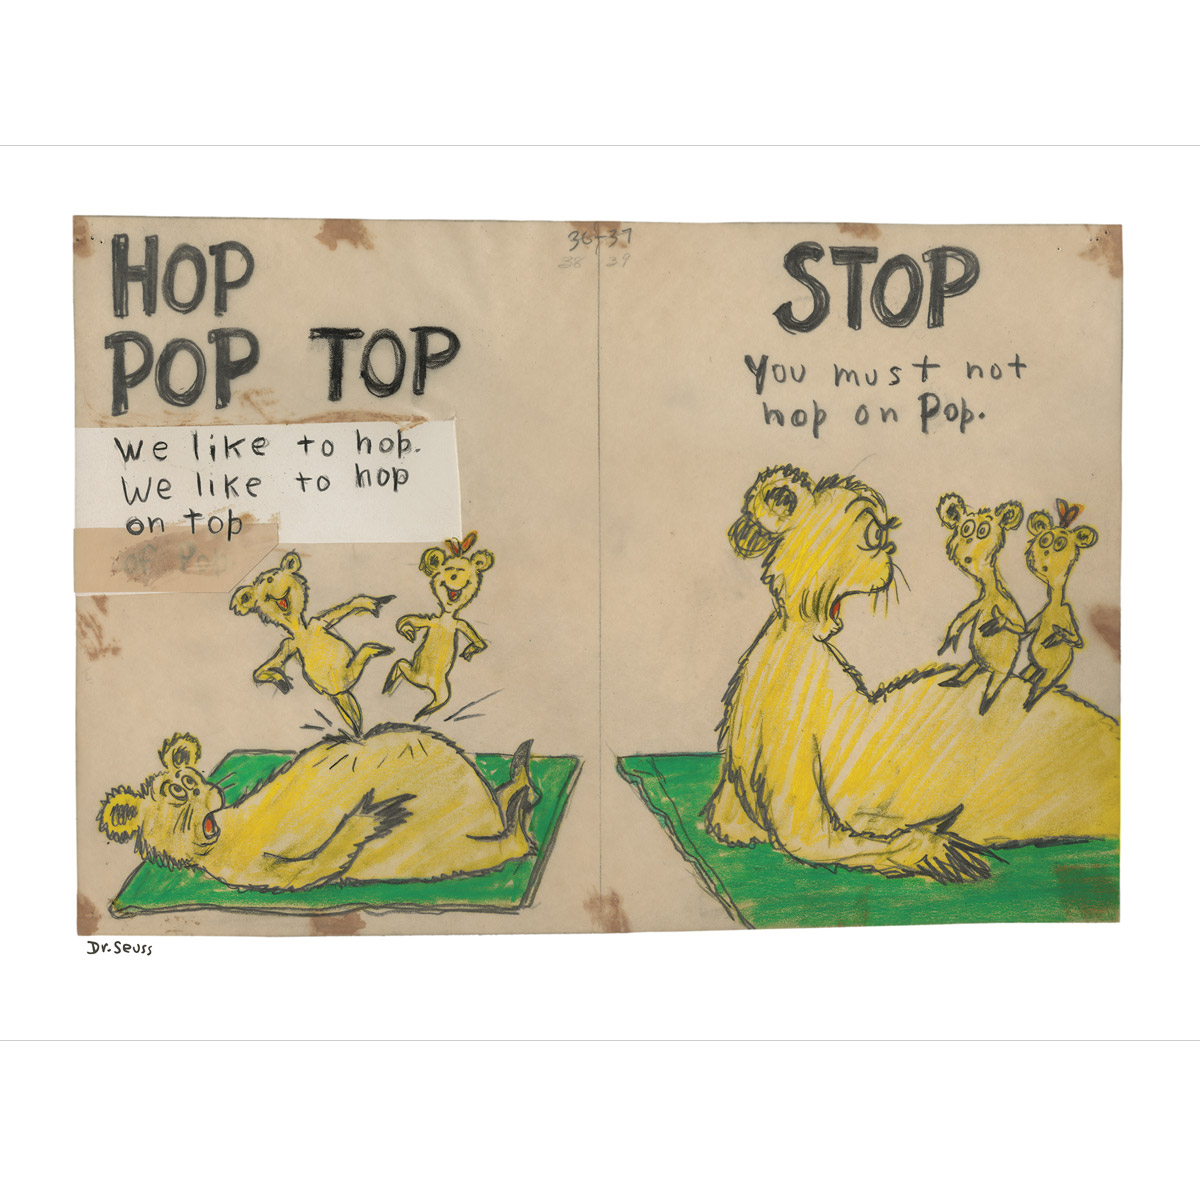 Hop Pop Top